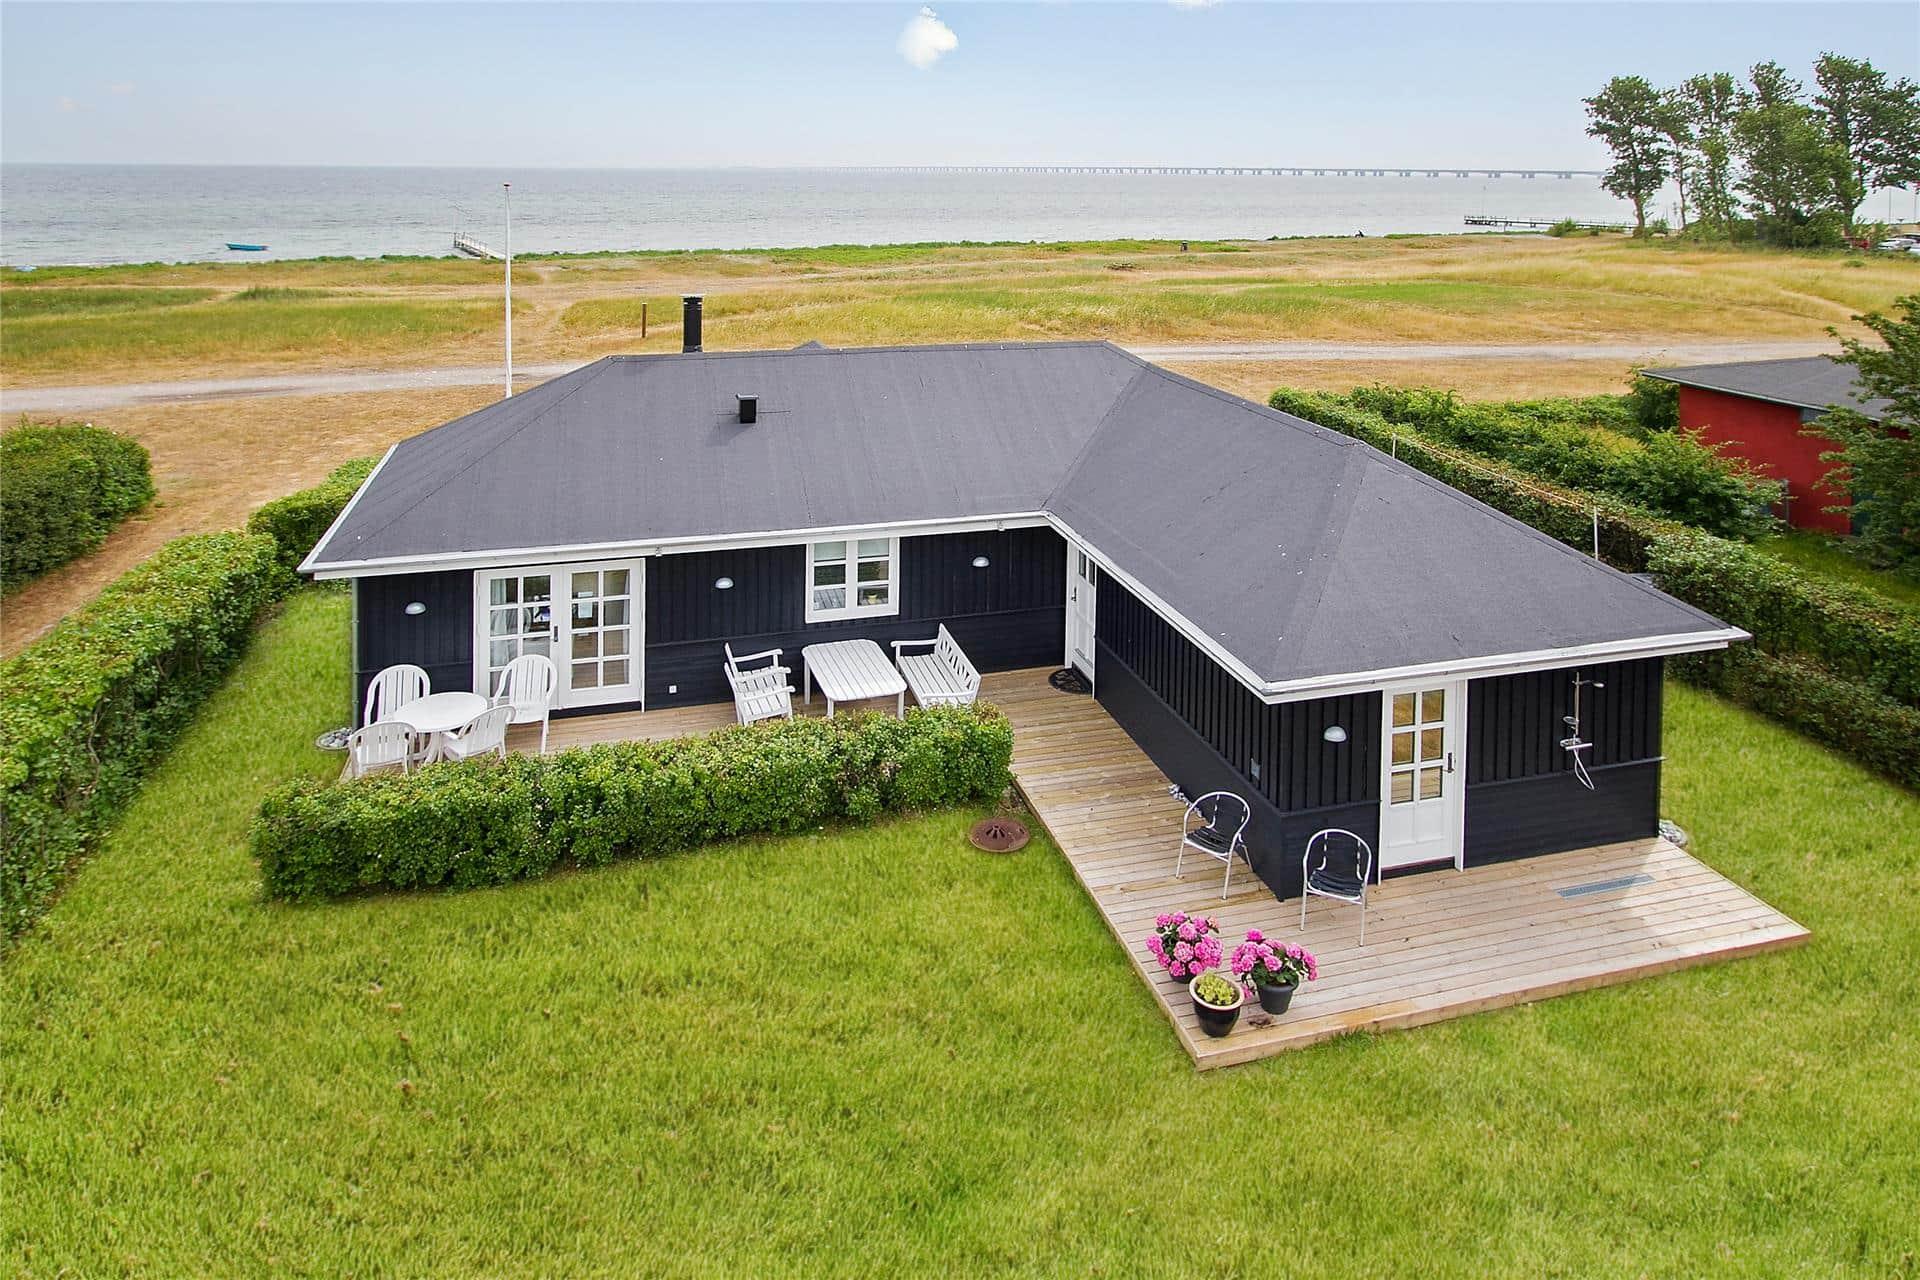 Billede 1-3 Sommerhus M66252, Østerø Strandvej 12, DK - 5800 Nyborg